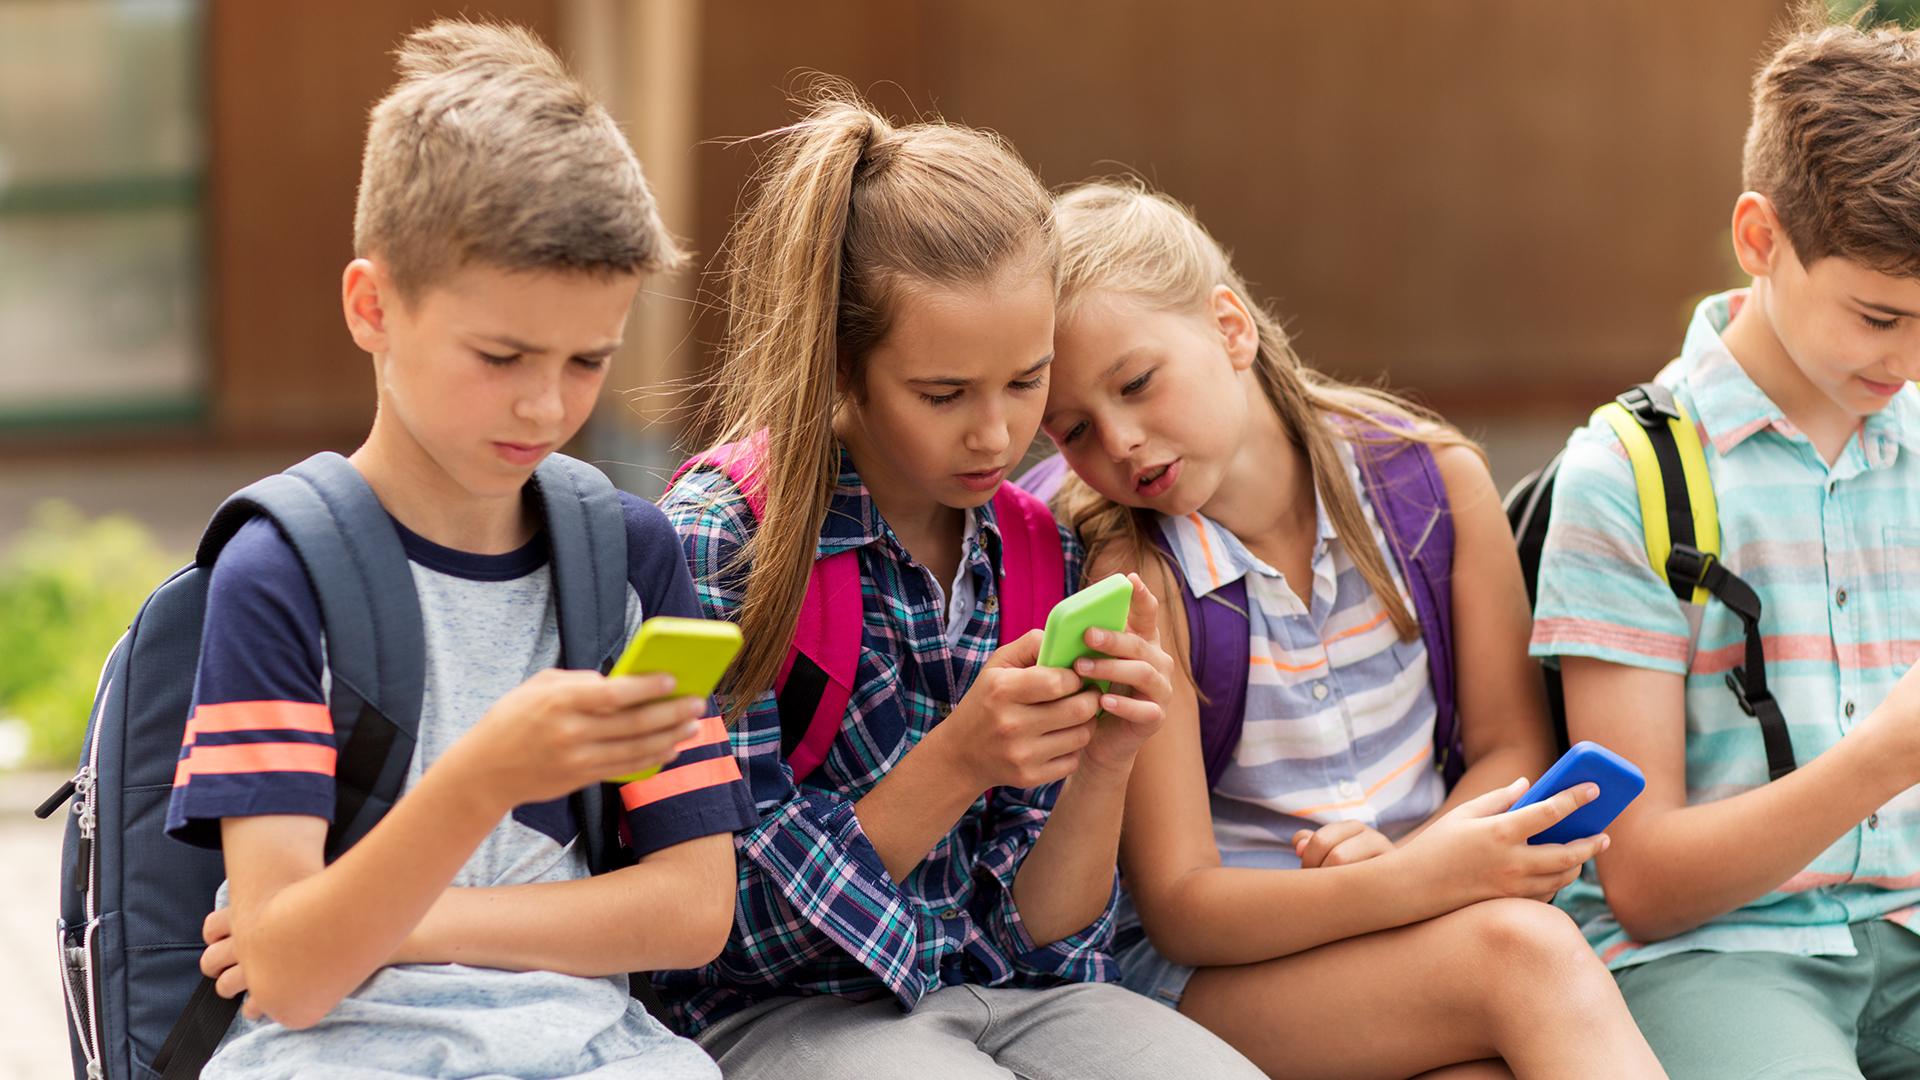 La sexta parte de los niños sufre una ansiedad grave, según el nuevo estudio.(Getty)